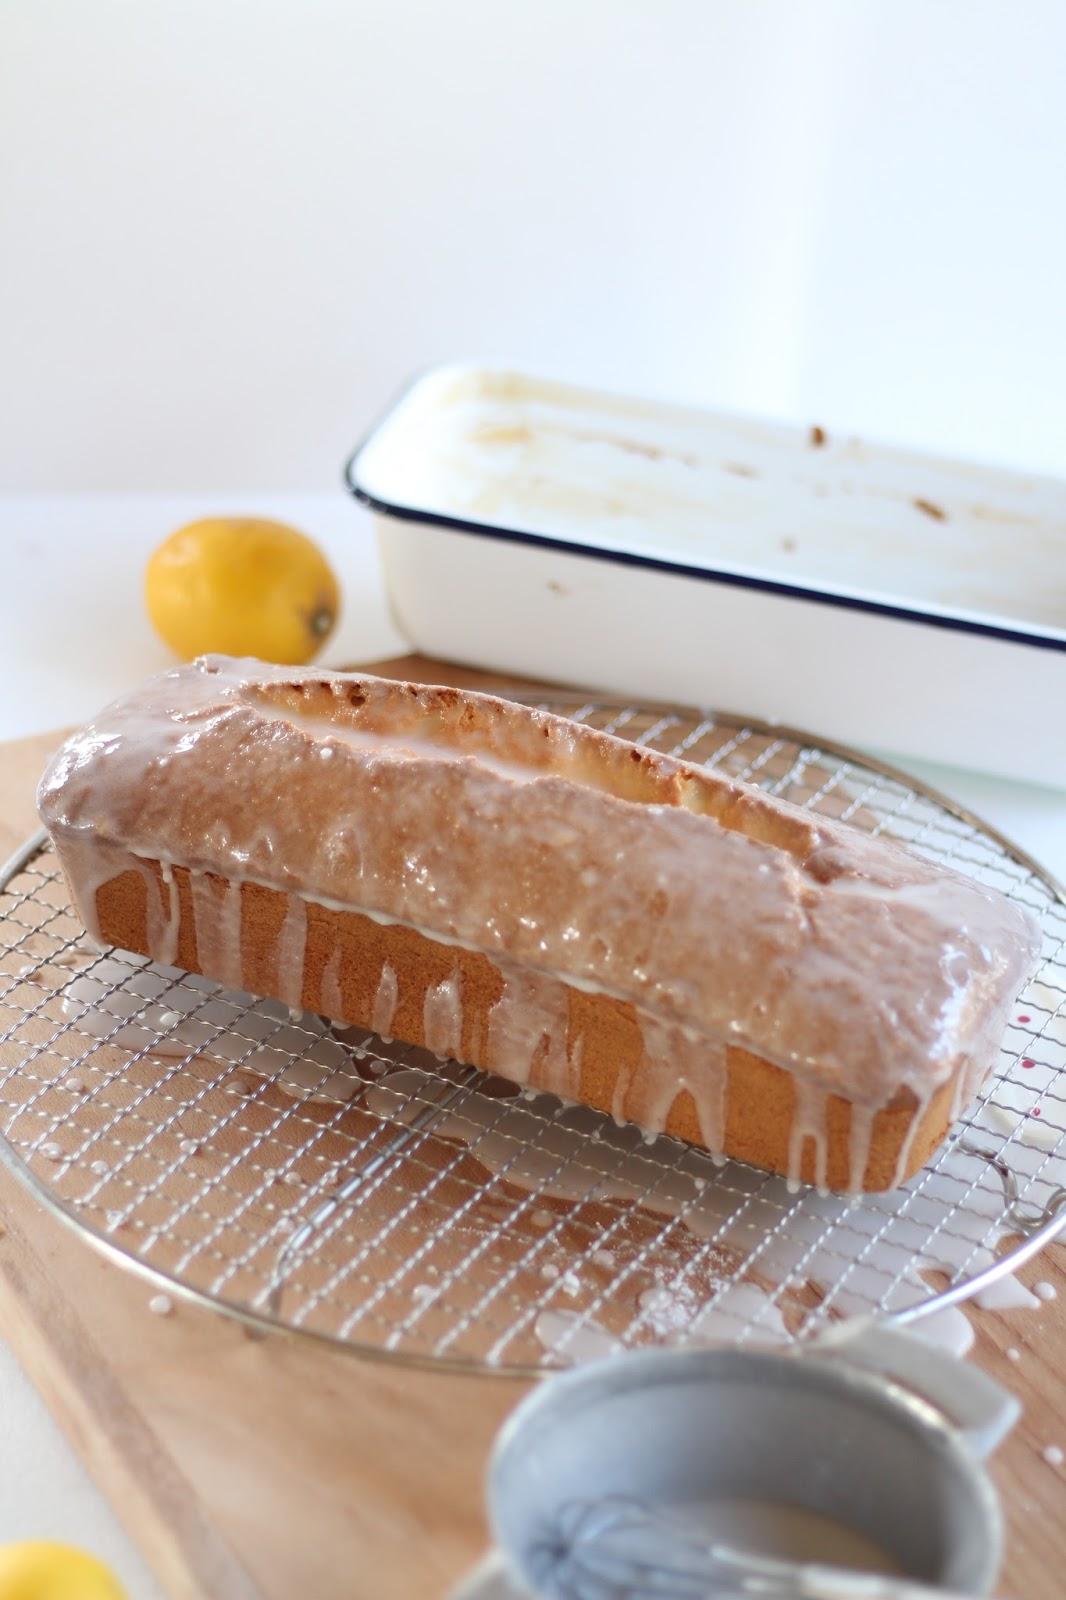 Saftiger Zitronenkuchen - einfaches, schnelles Rezept mit Video: Mein Geburtstagskuchen für Dorothea